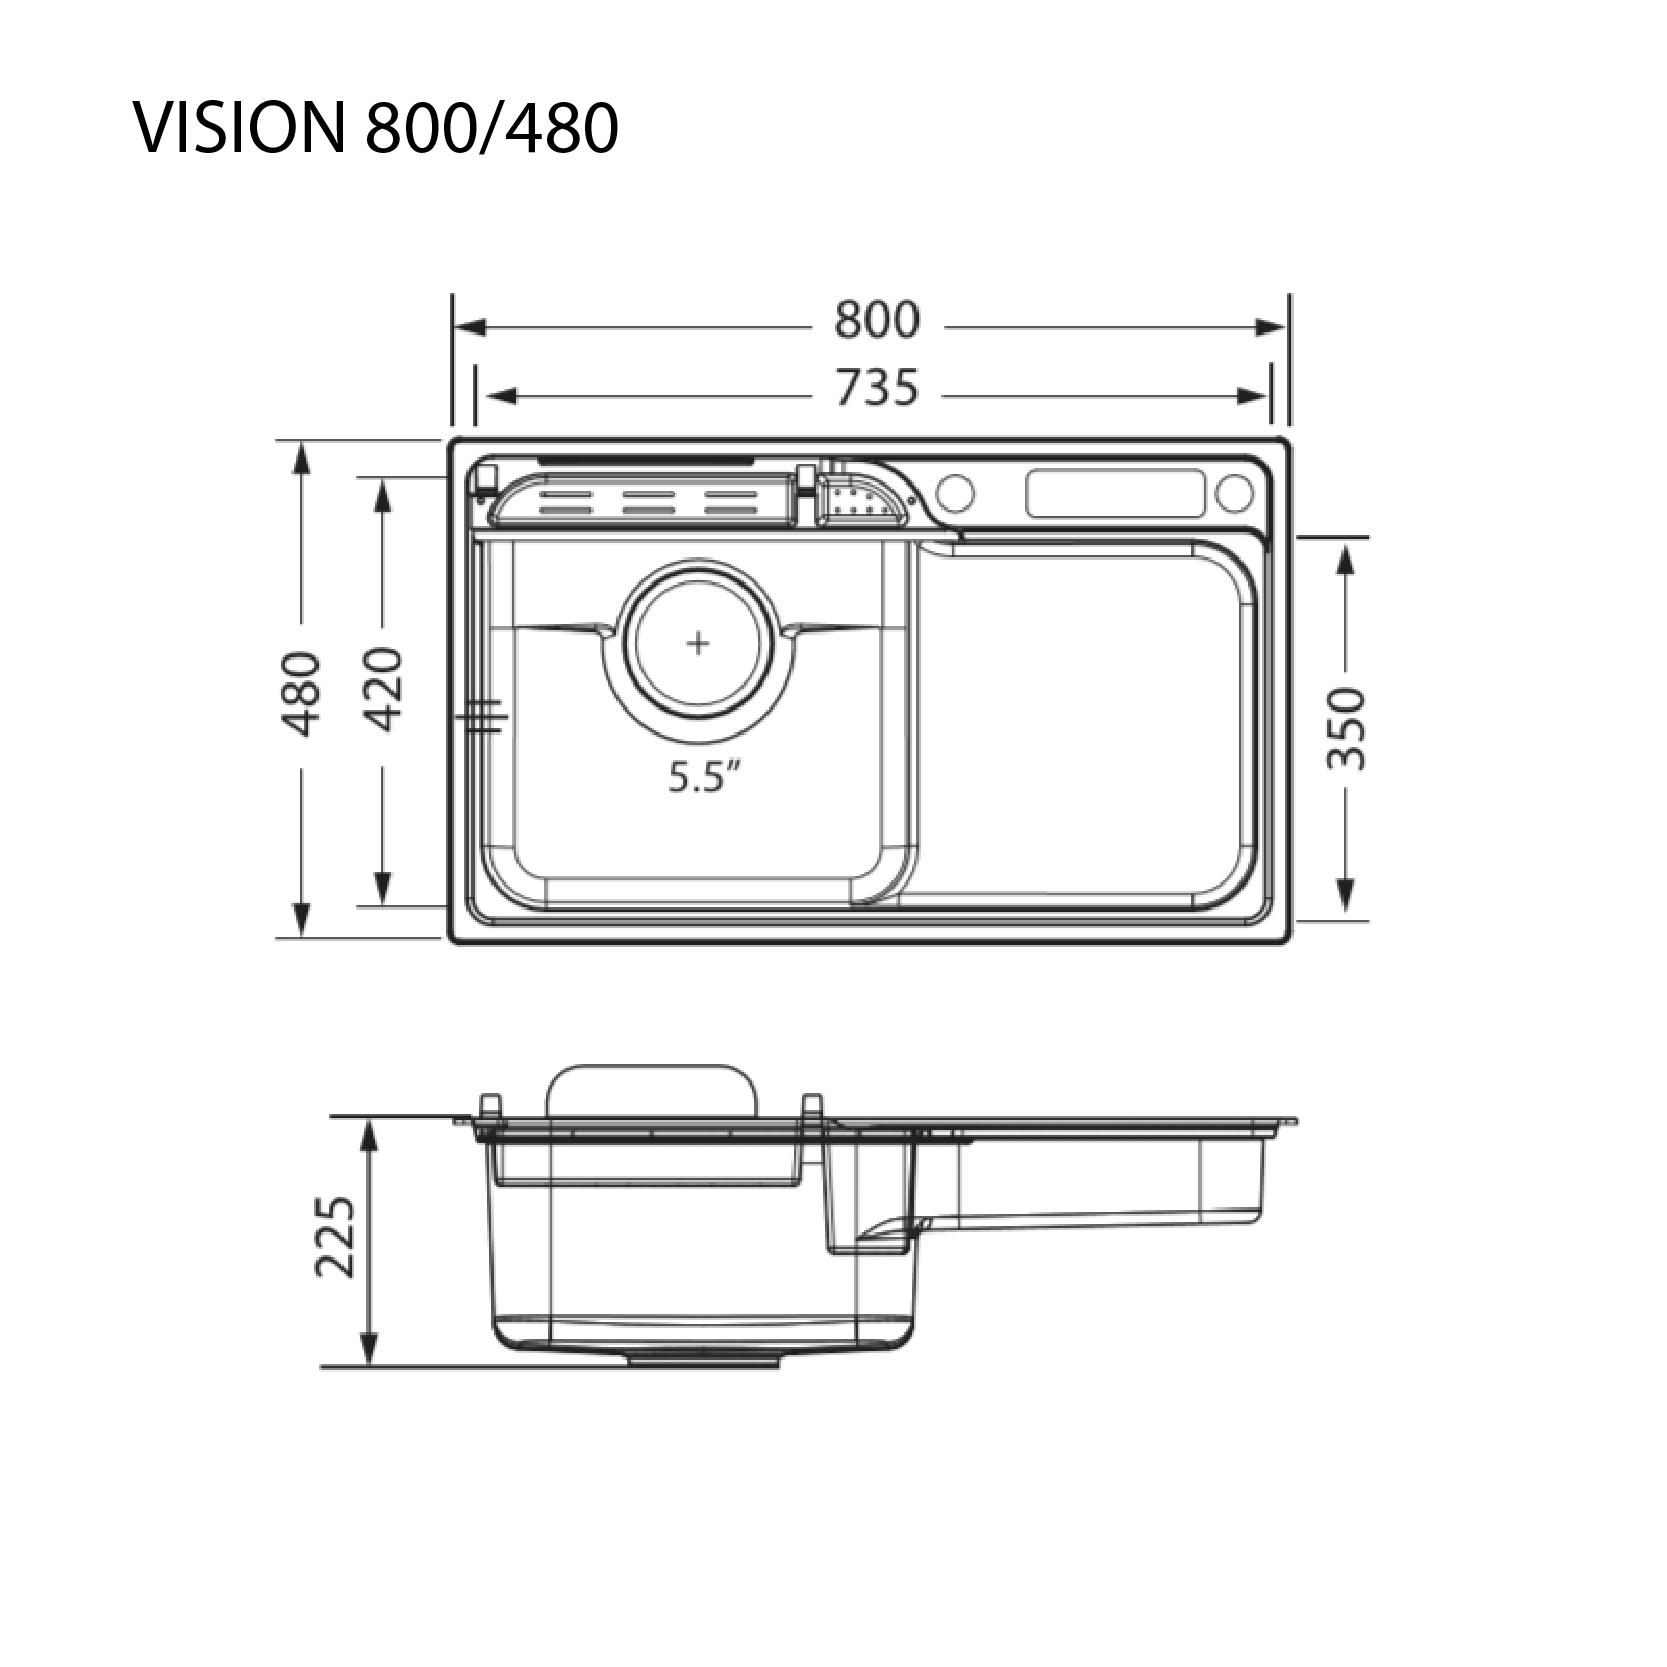 ซิงค์ล้างจาน 1 หลุม VISION 800/480 ขนาดเจาะ